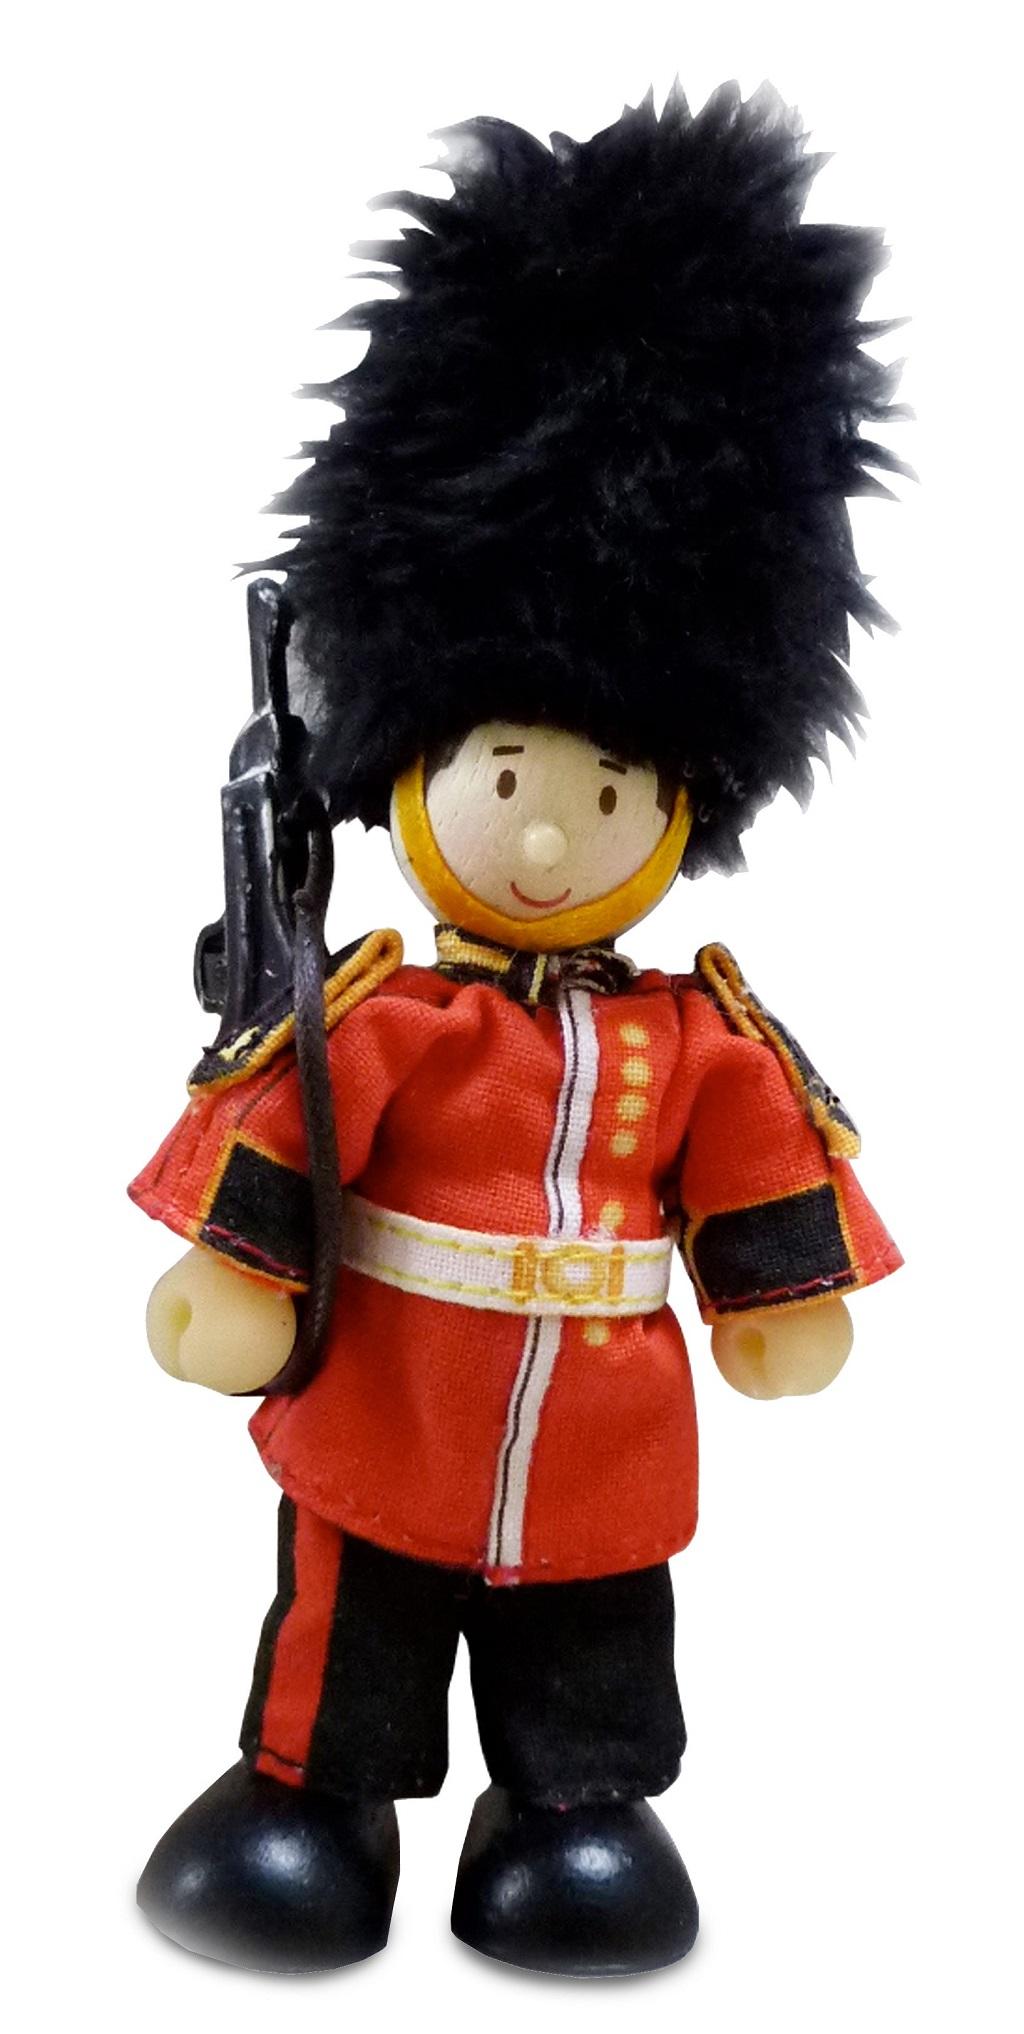 Le Toy Van Postavička královská stráž James